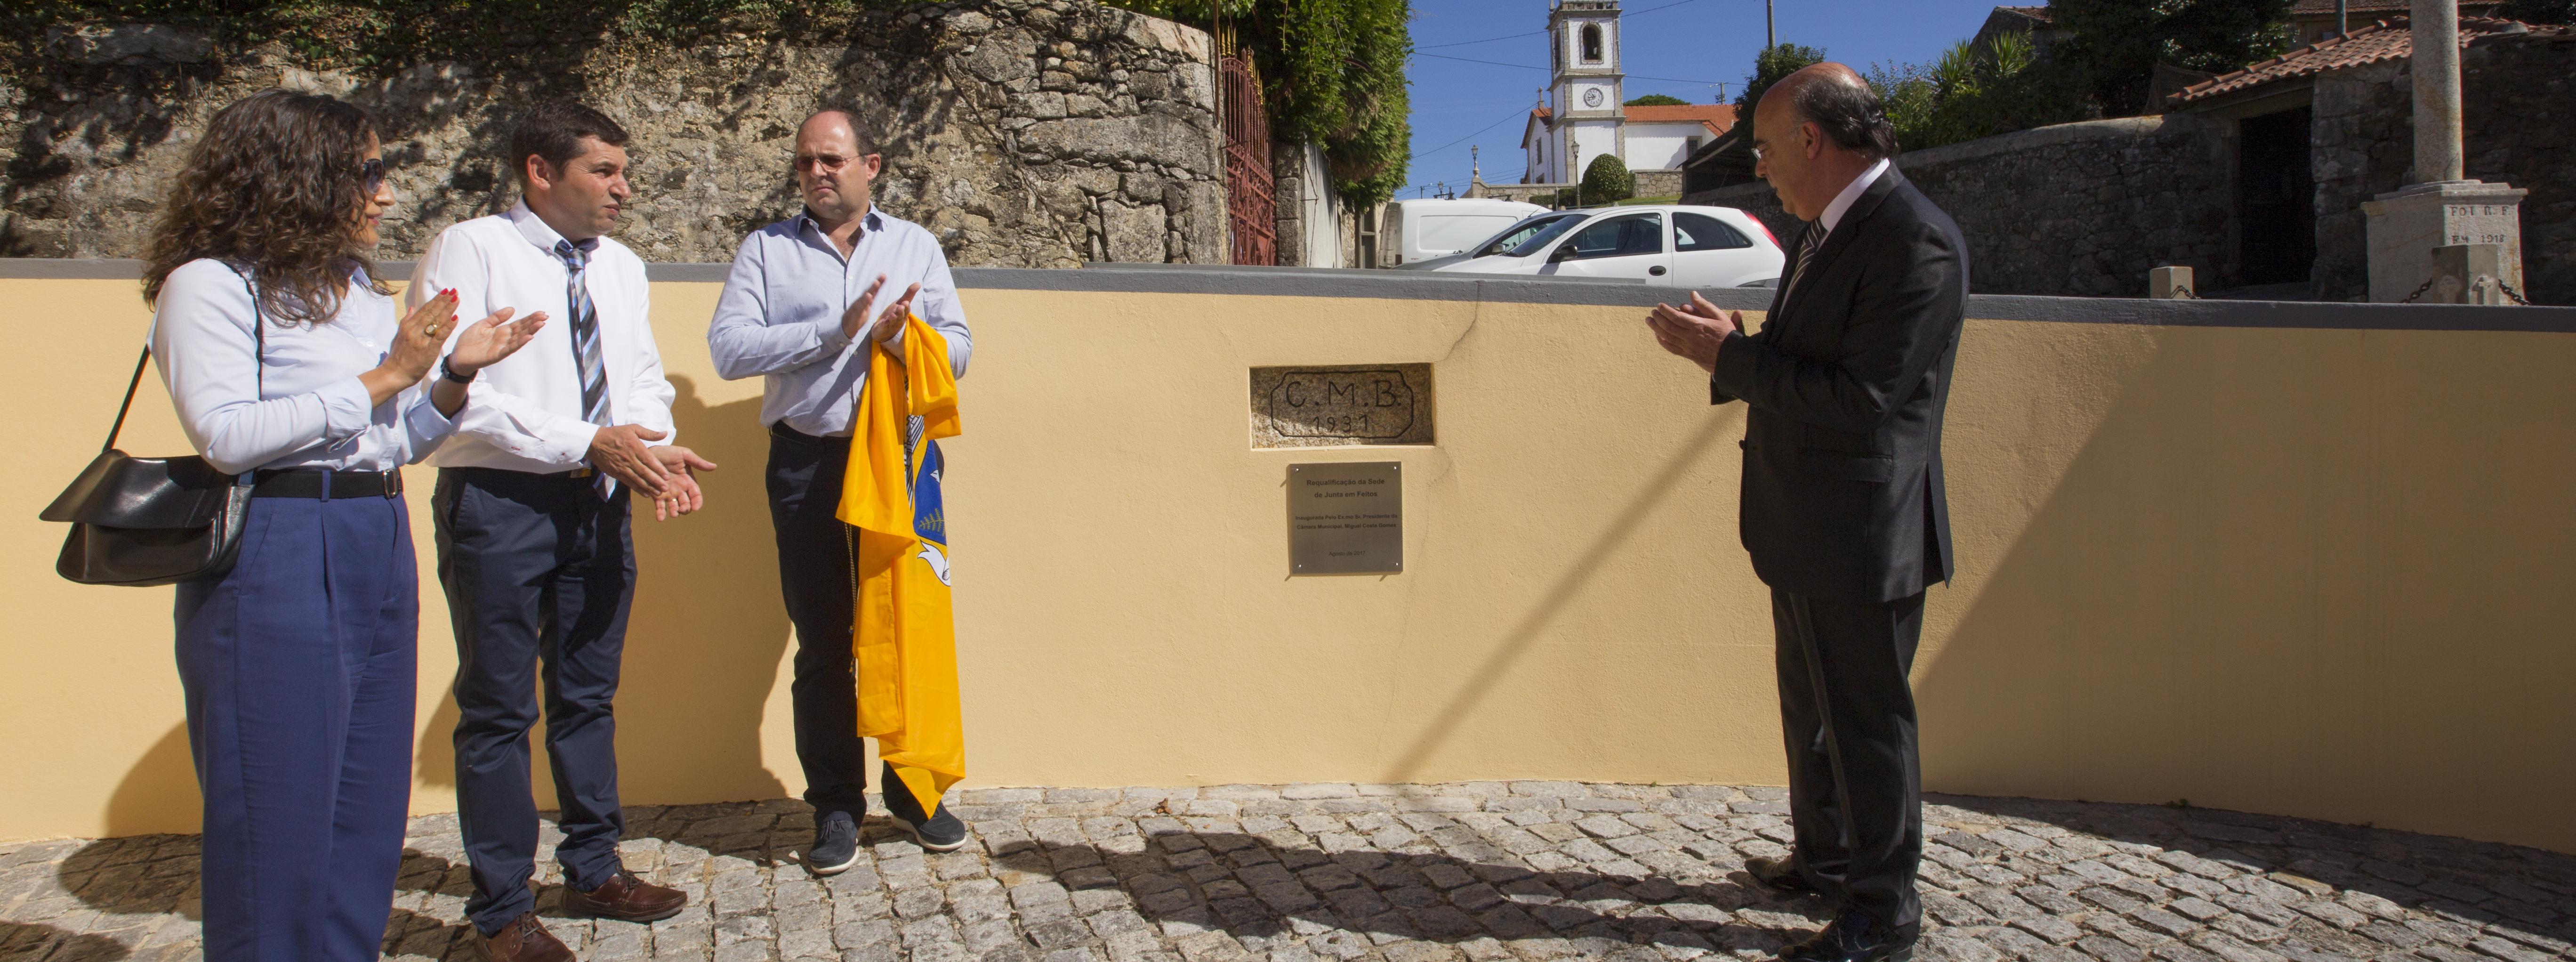 Presidente da Câmara visita União de Freguesias de Vila Cova e Feitos